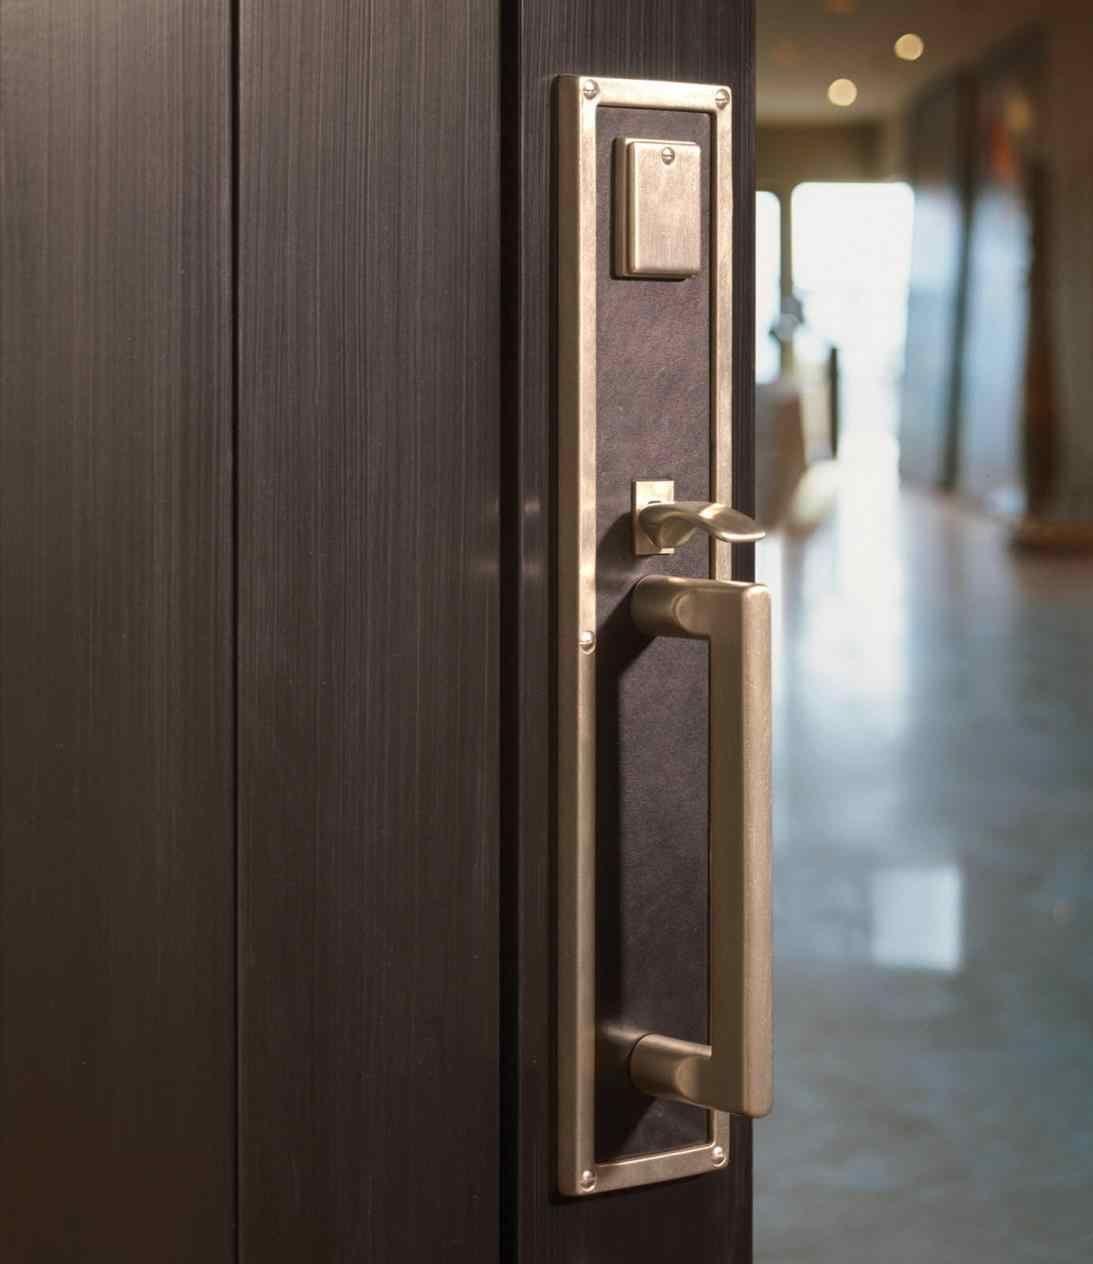 Bullock Exterior Door Lock Set Solid Bronze Entrance Set With Lever Handle Hardware Ellis Ellis Exterior Door Lock Set Sol Craftsman Door Door Sets Entry Doors